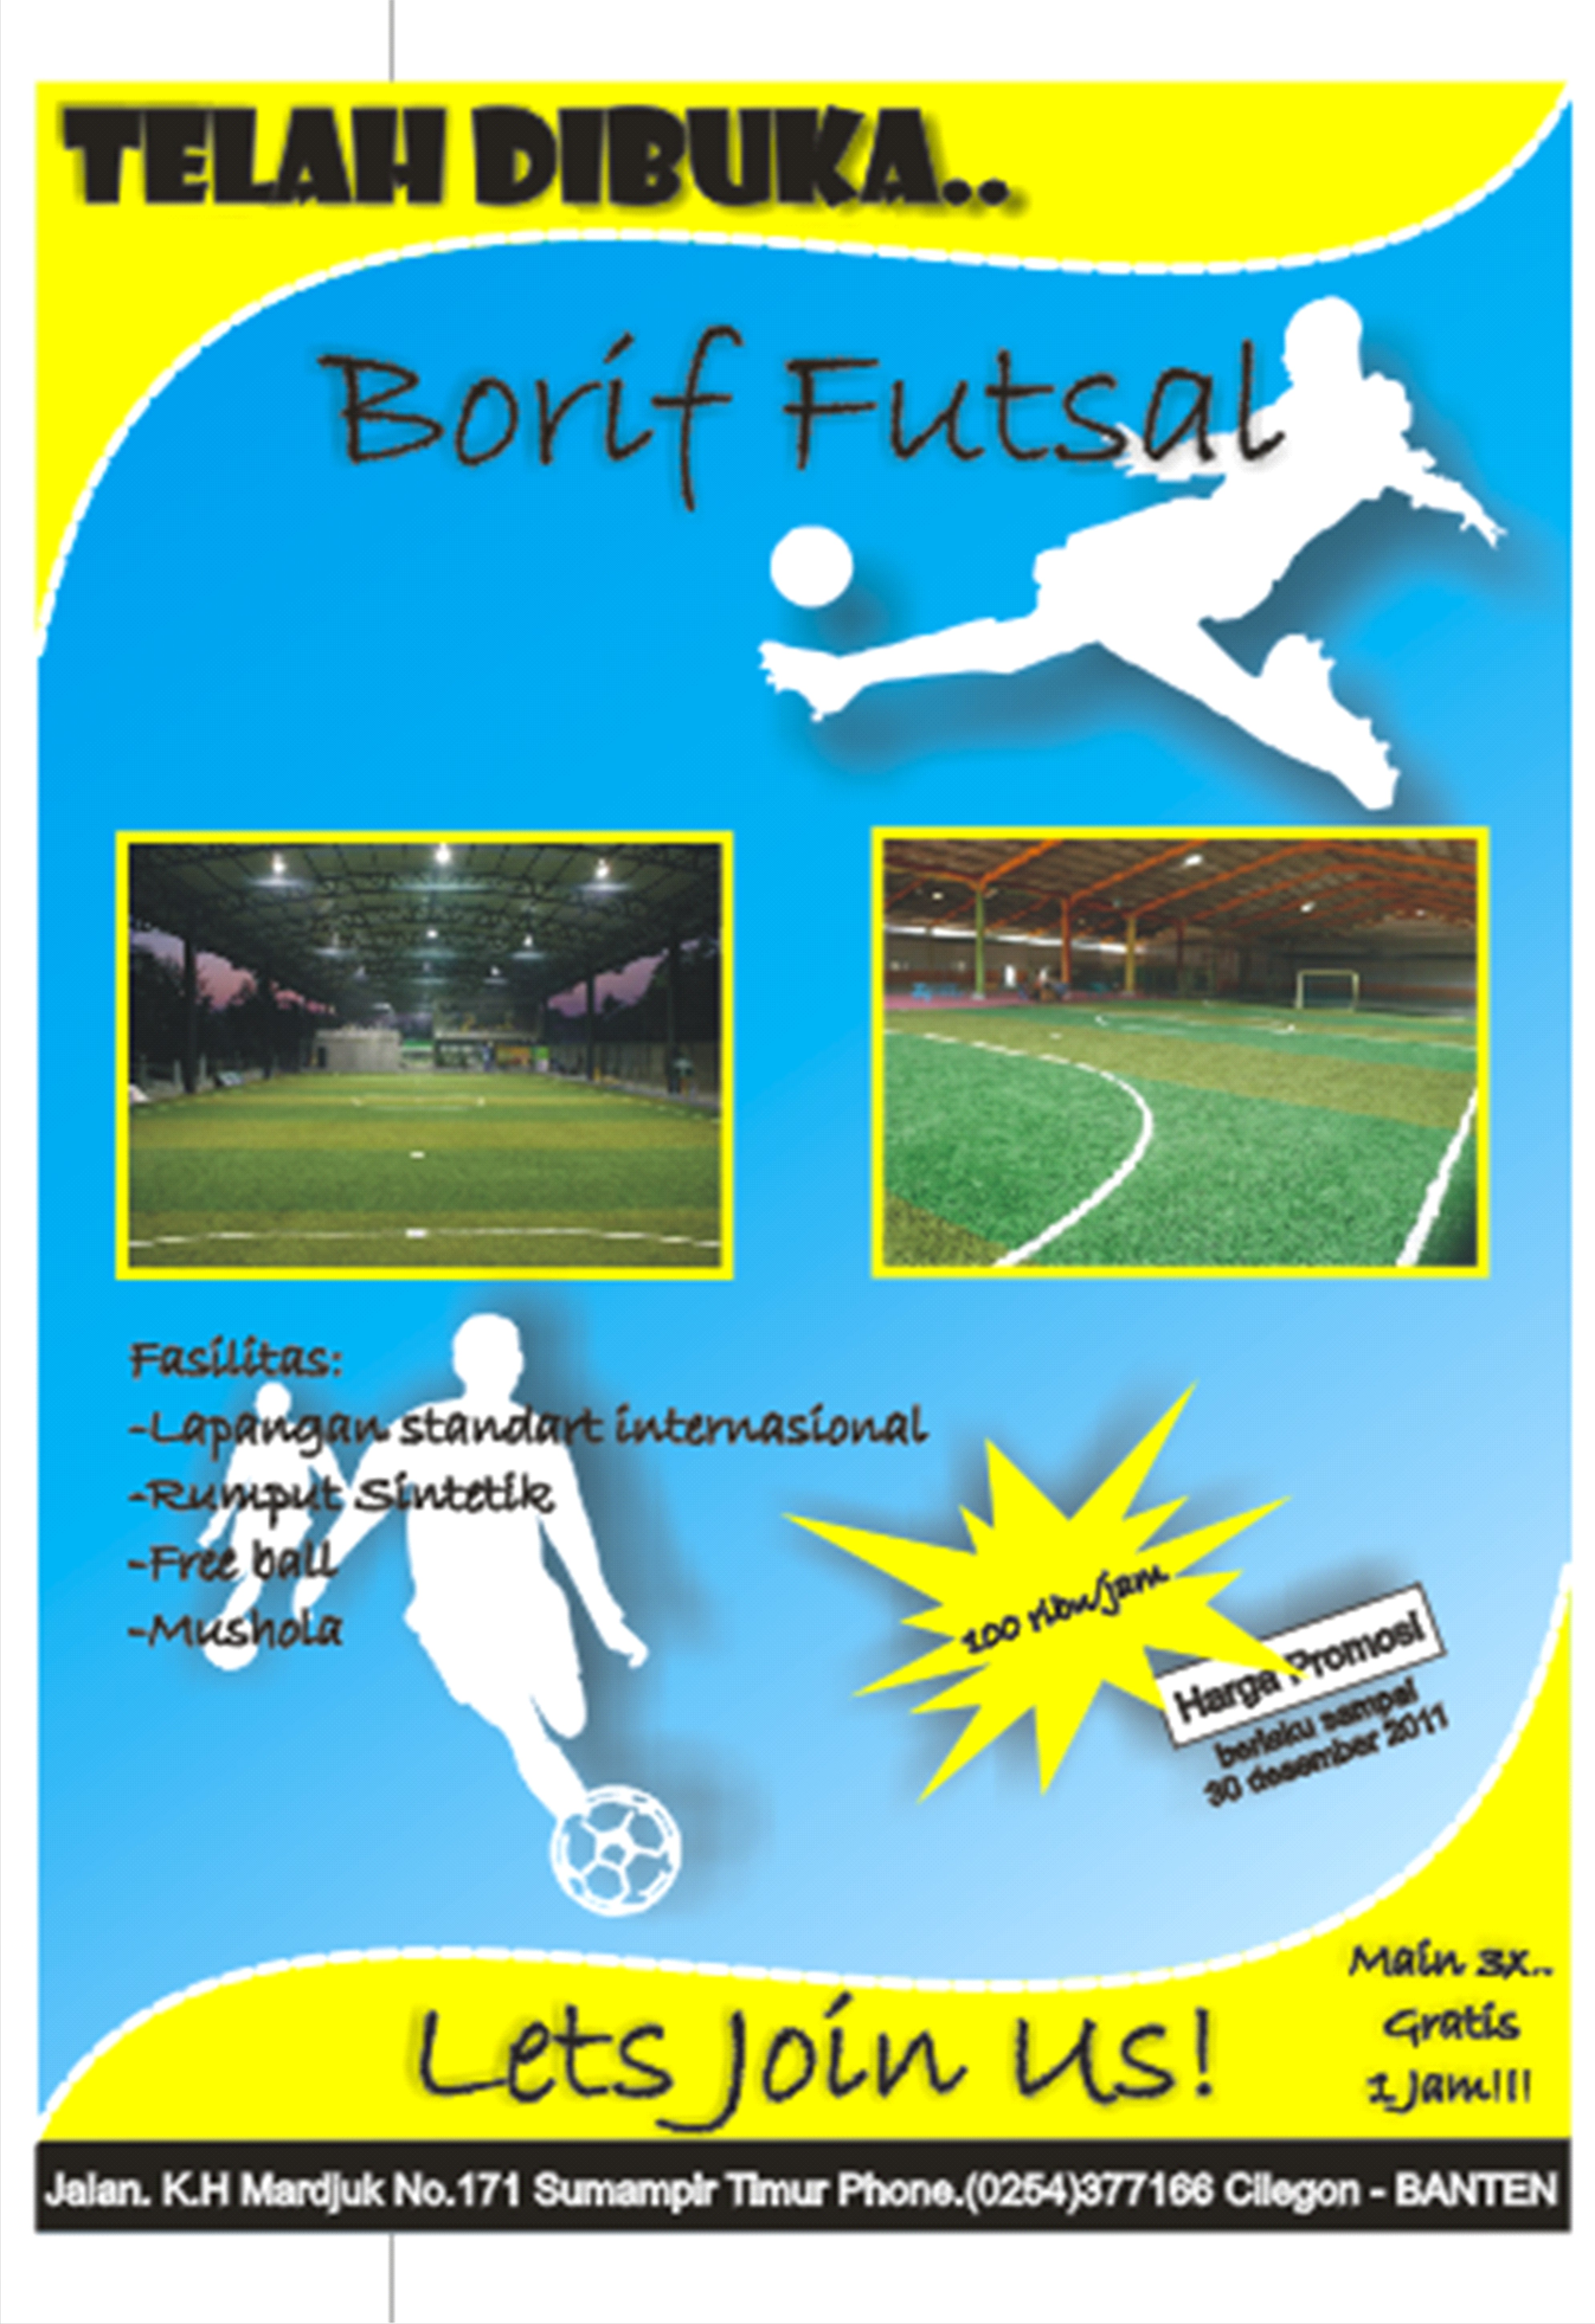 Membuat Brosur Promosi Lapangan Futsal Dengan Corel Draw 14